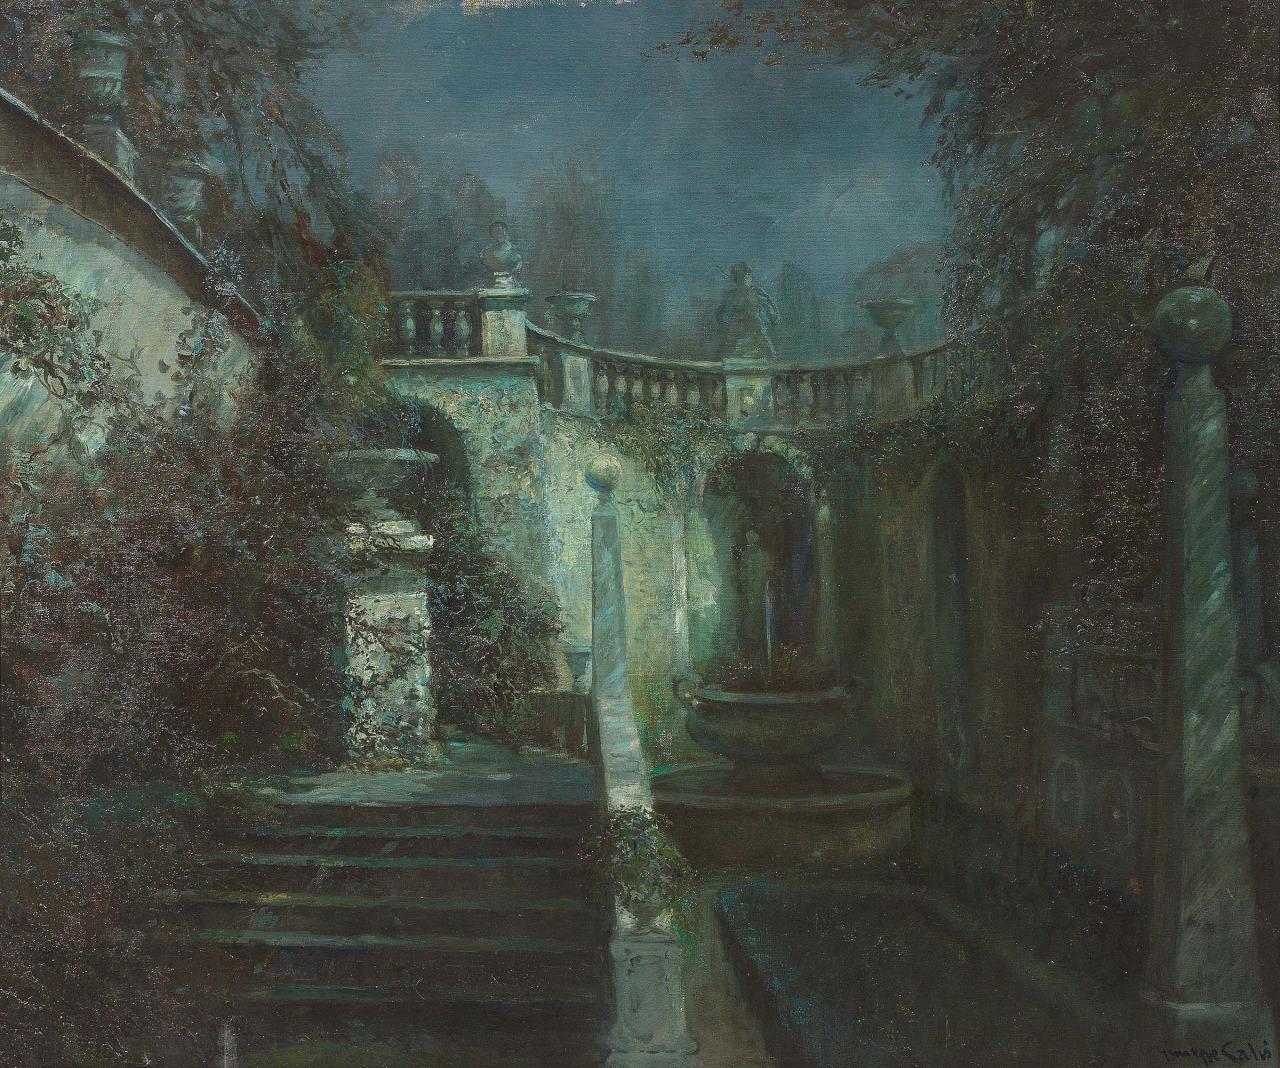 Giuseppe Calvi (Italian, 1895–1983), Plenilunio, oil on canvas, 100 x 120 cm.